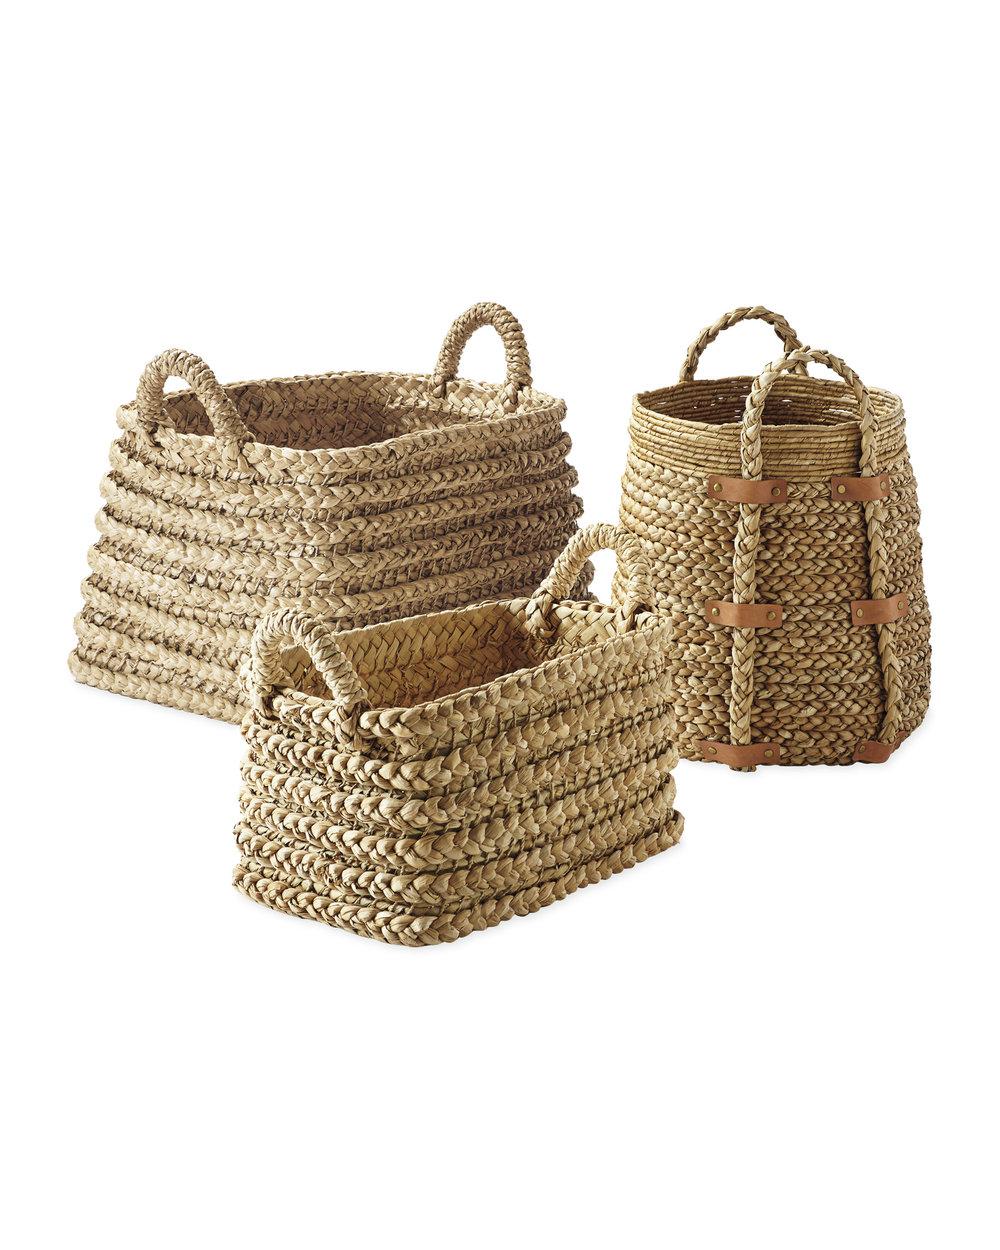 Storage_Olema_Seagrass_Basket_Group_MV_Crop_SH.jpg